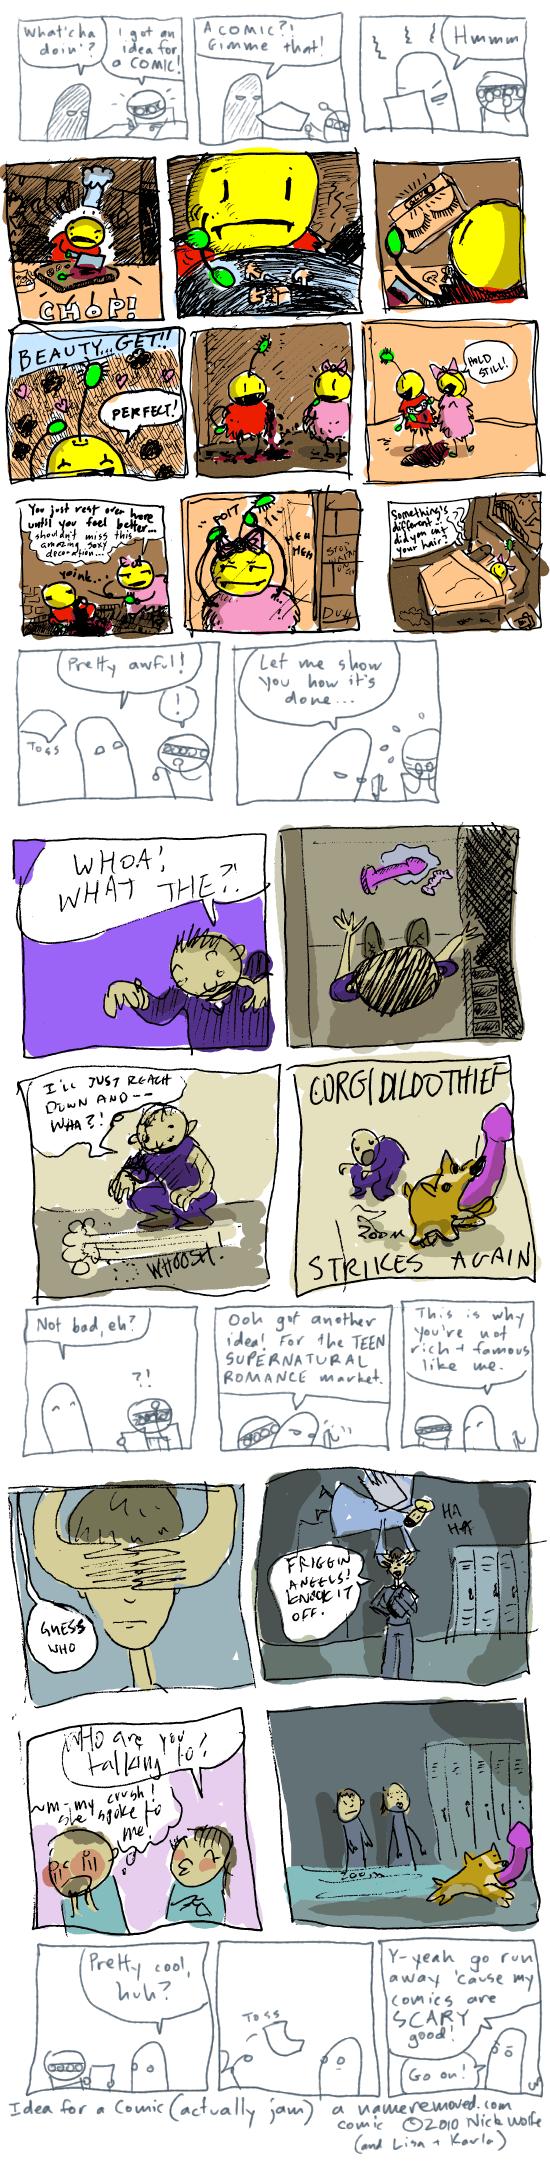 Idea for a Comic (actually jam)